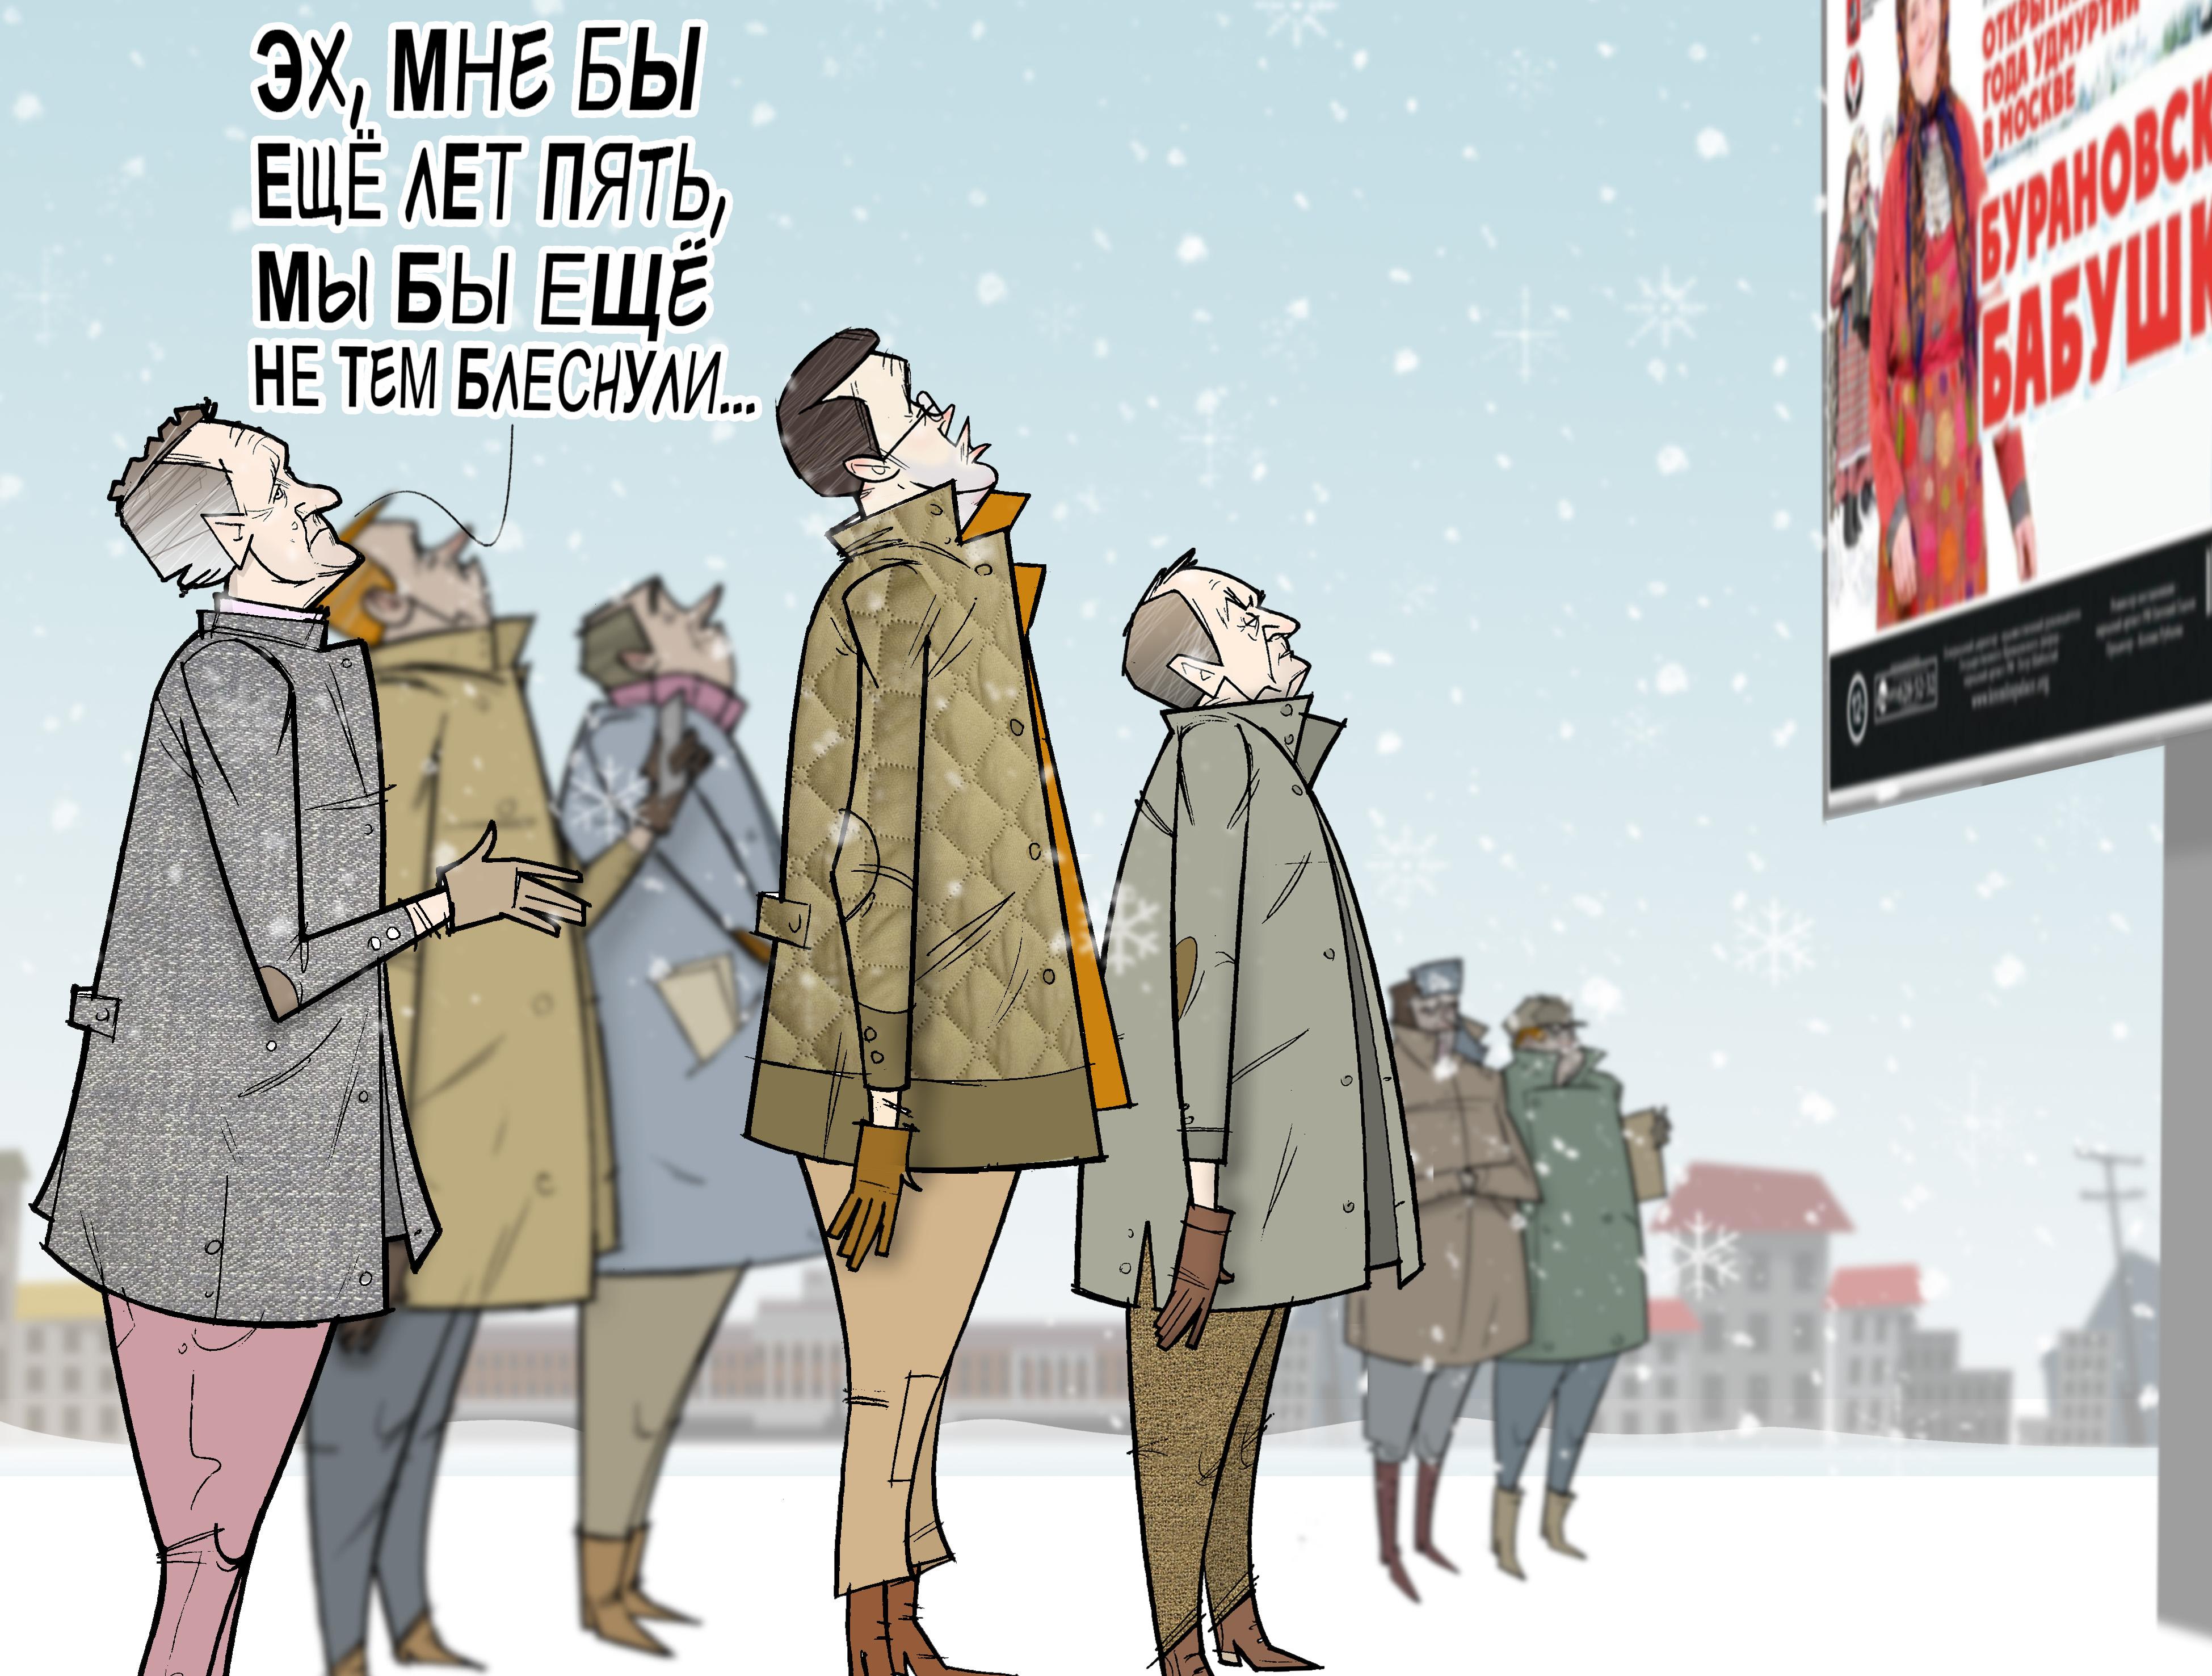 """Блеск и нищета. #БурановскиеБабушки #ПрезидентУР #Волков #ГлаваУР #Соловьёв © Газета """"День"""" 2014"""